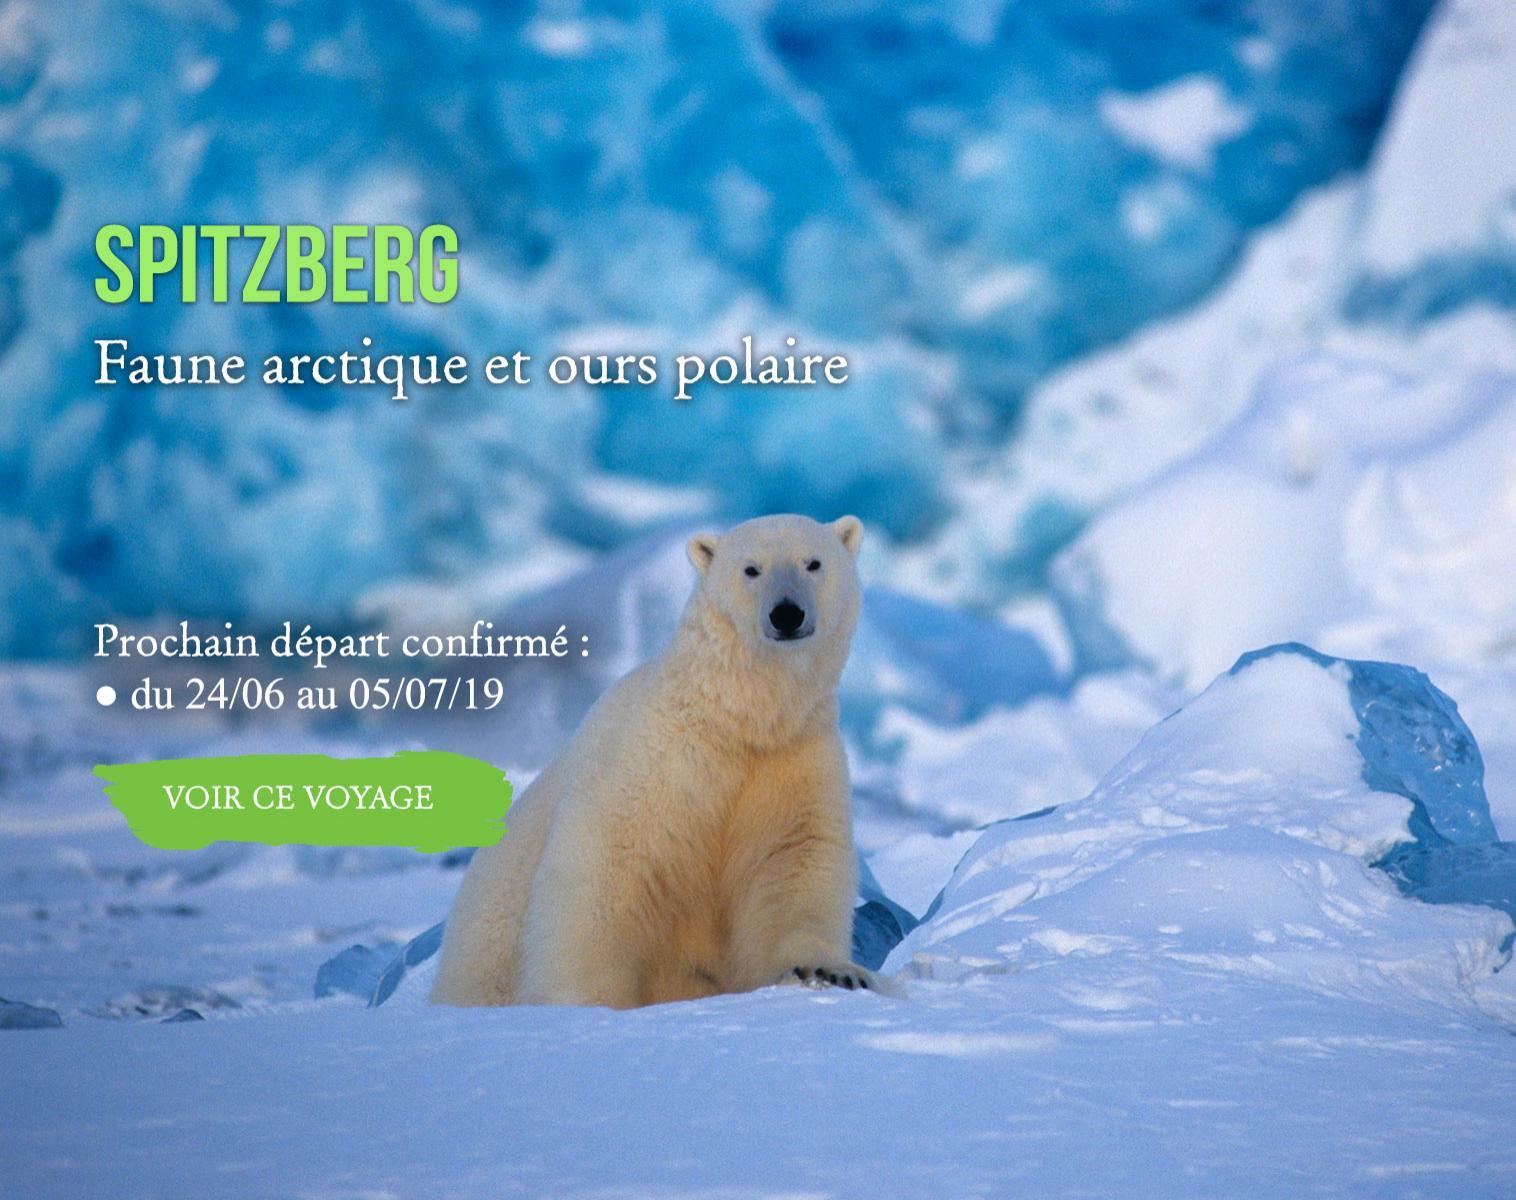 Spitzberg, Faune arctique et Ours polaire